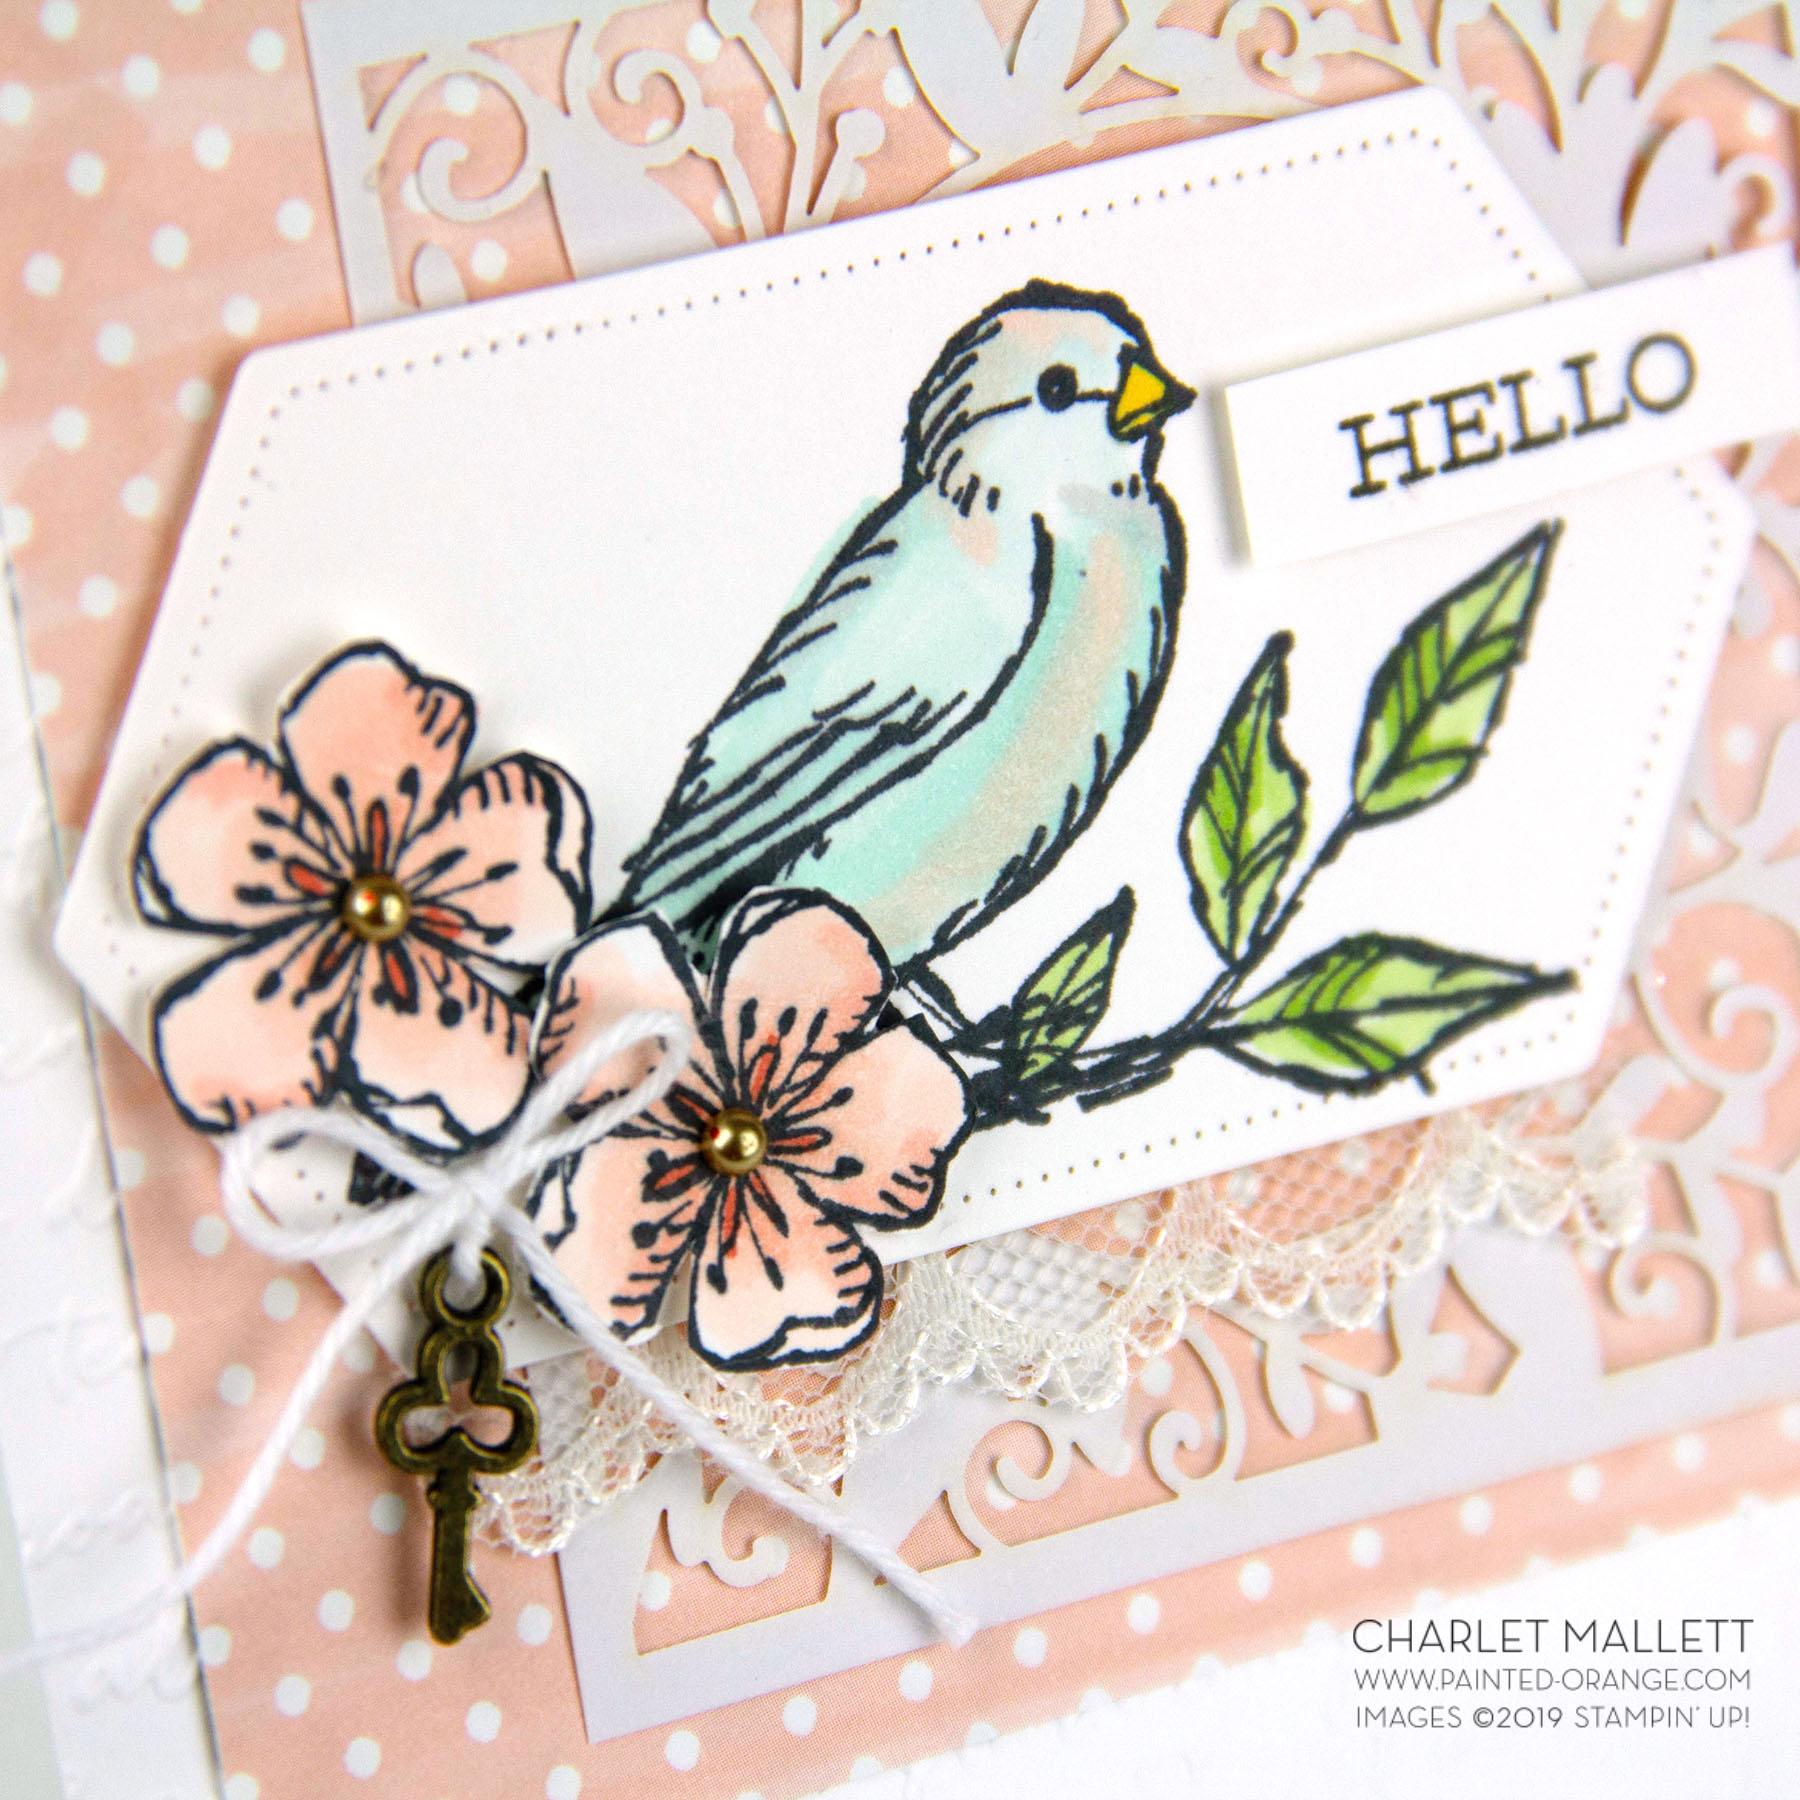 Free as A Bird - Card Club2.jpg